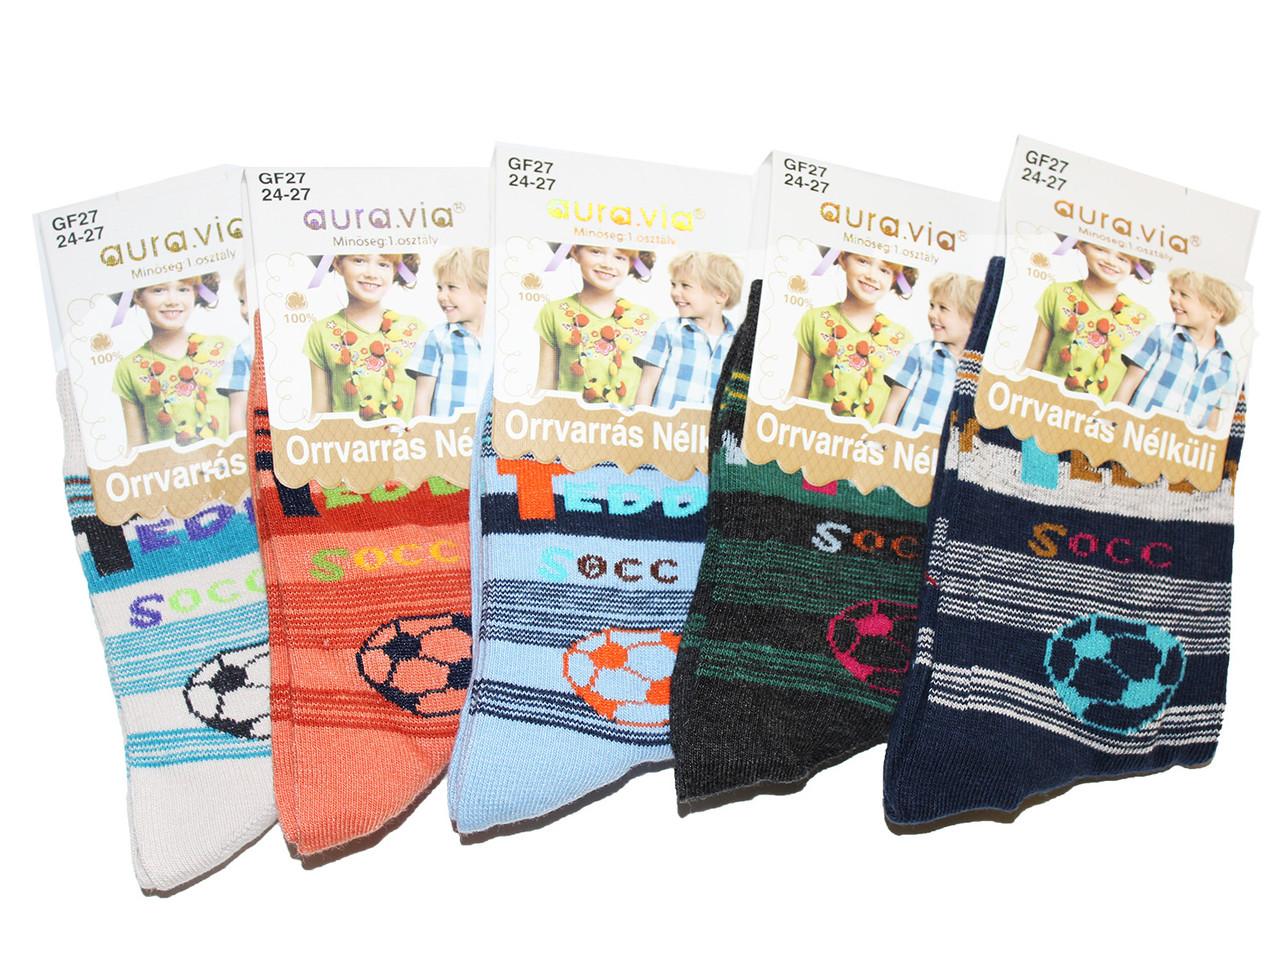 Шкарпетки дитячі для хлопчика Підліткові GF 27